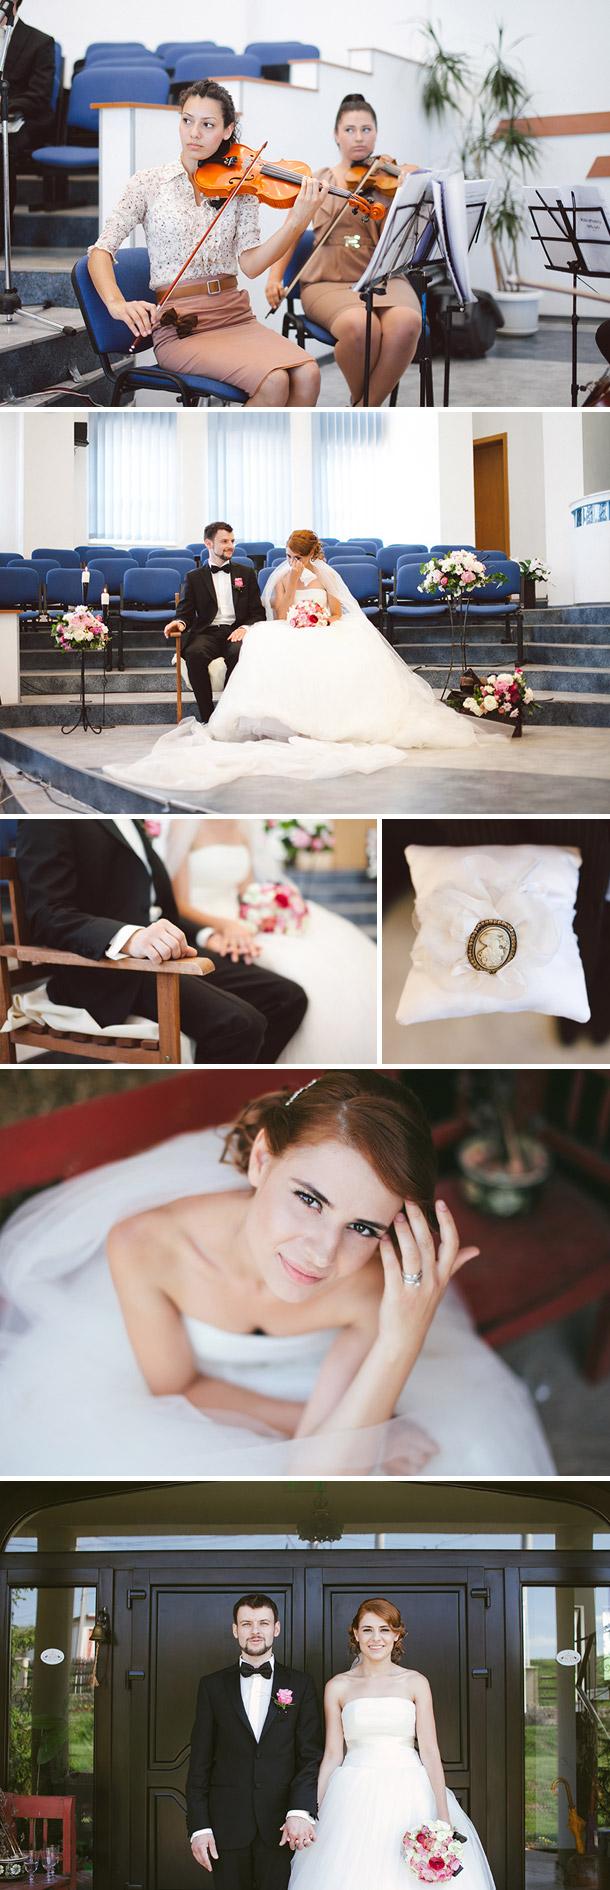 Romänische Hochzeit von Cristian Ana Photography